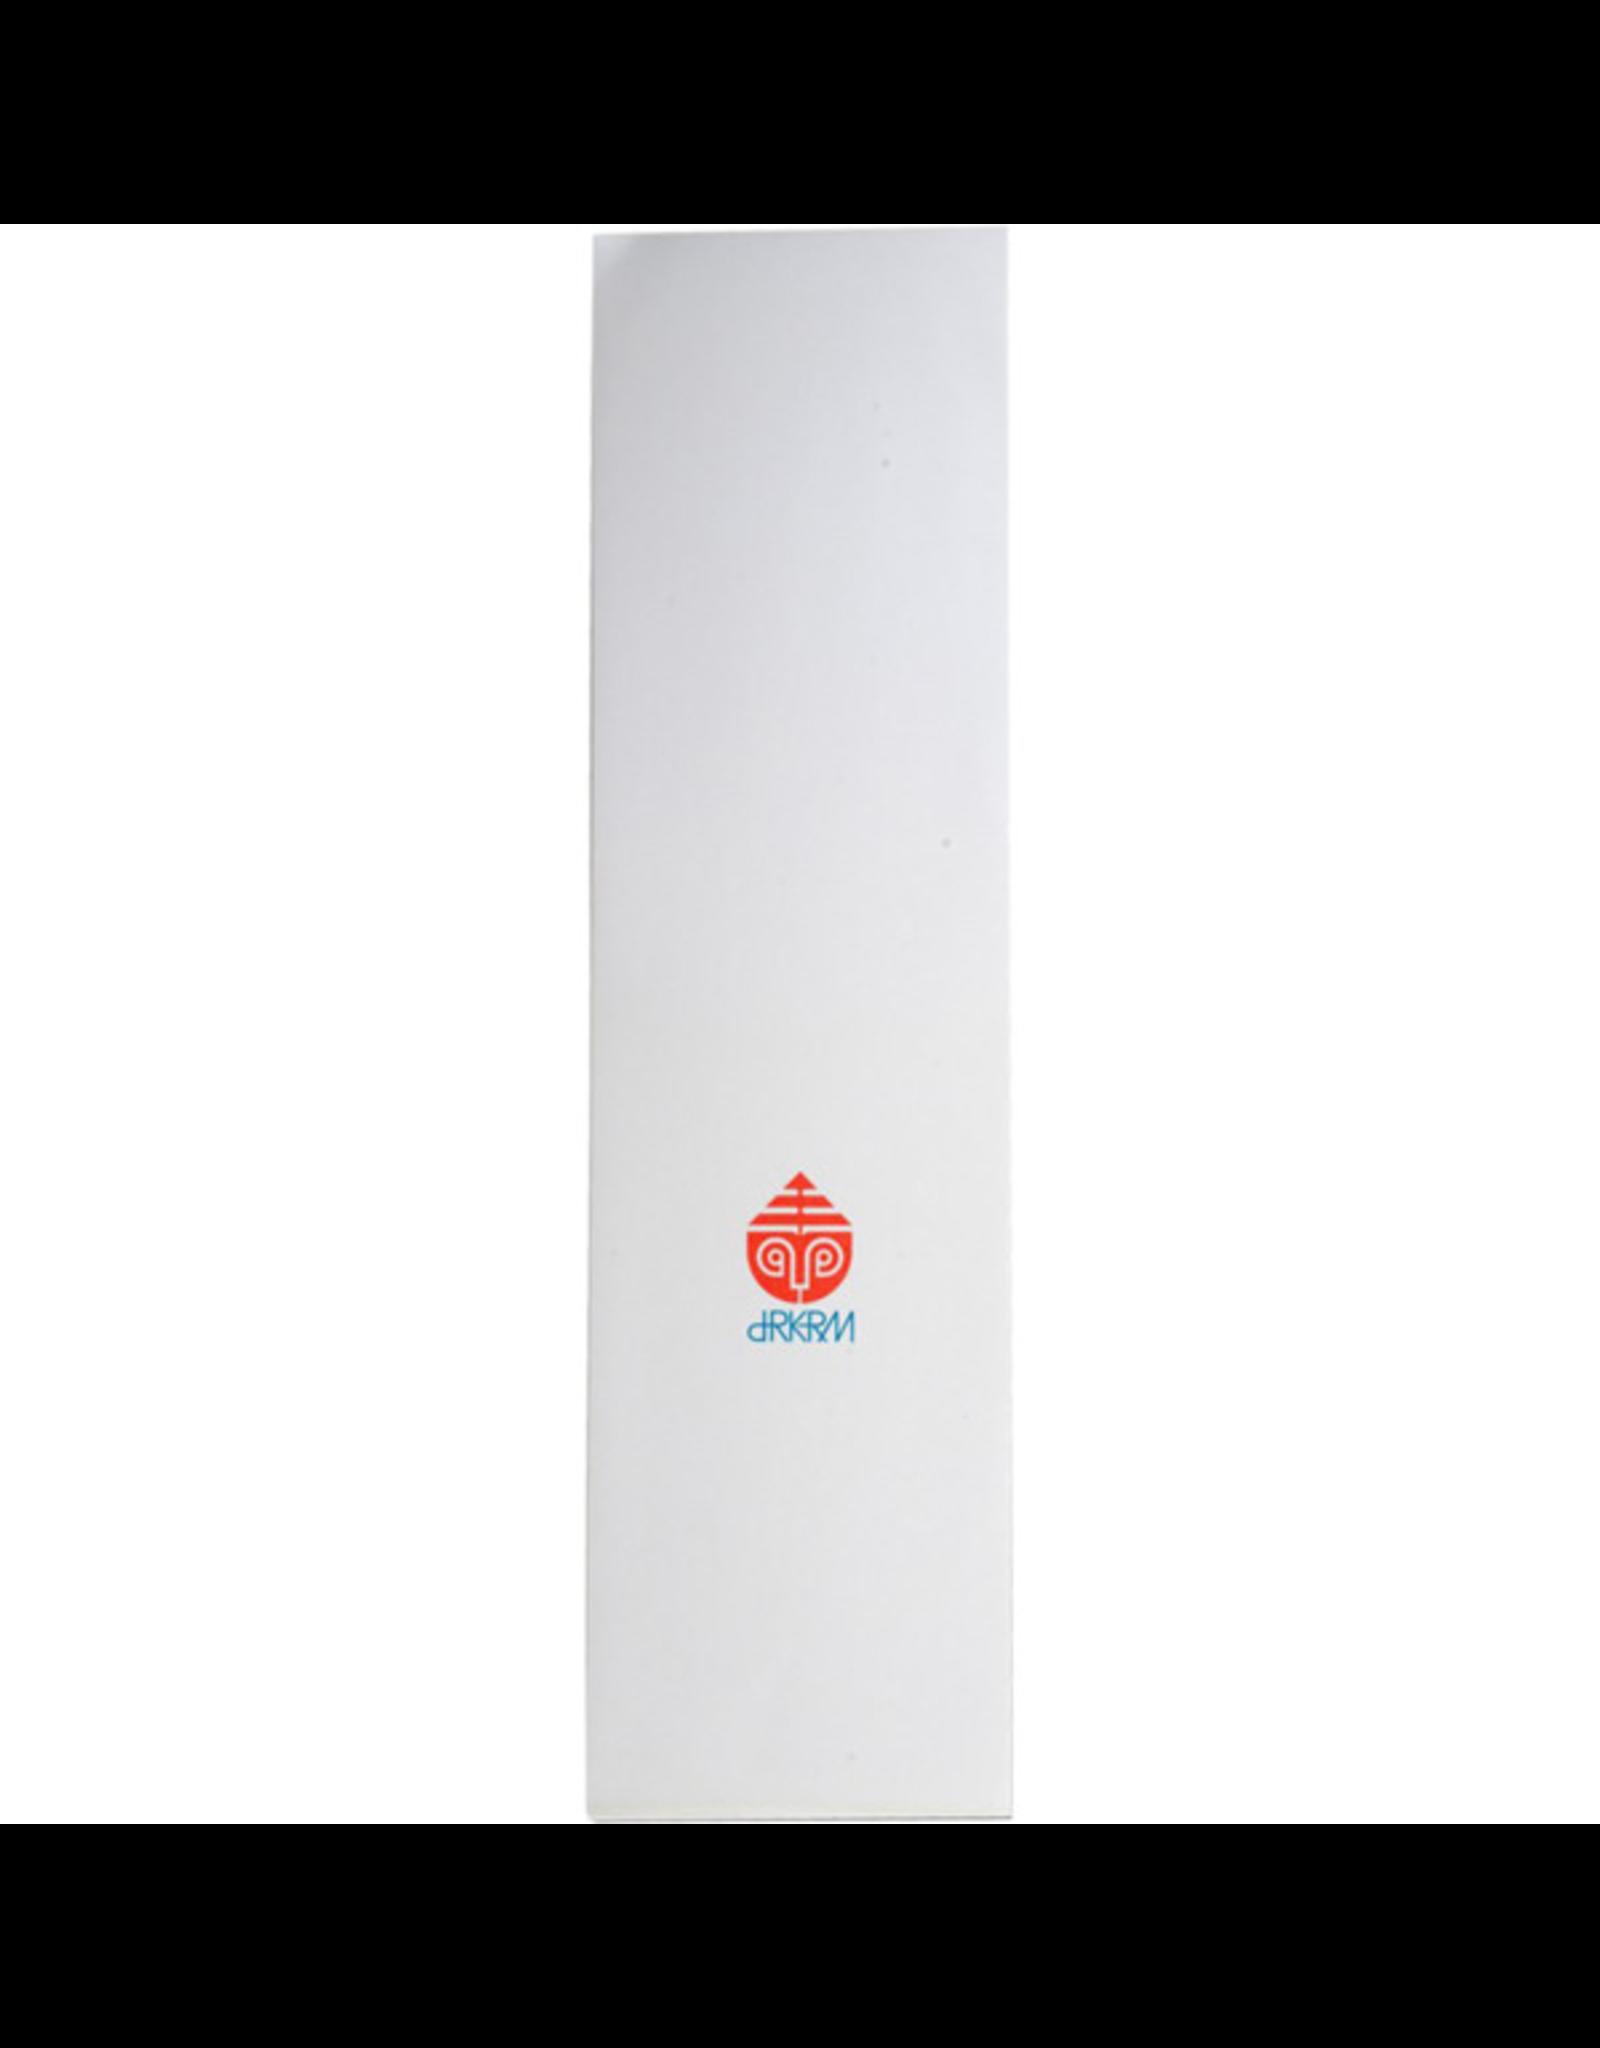 DARKROOM DARKROOM WHITE GRIP TAPE SHEET WITH SENTRY PRINT LOGO (9X33)